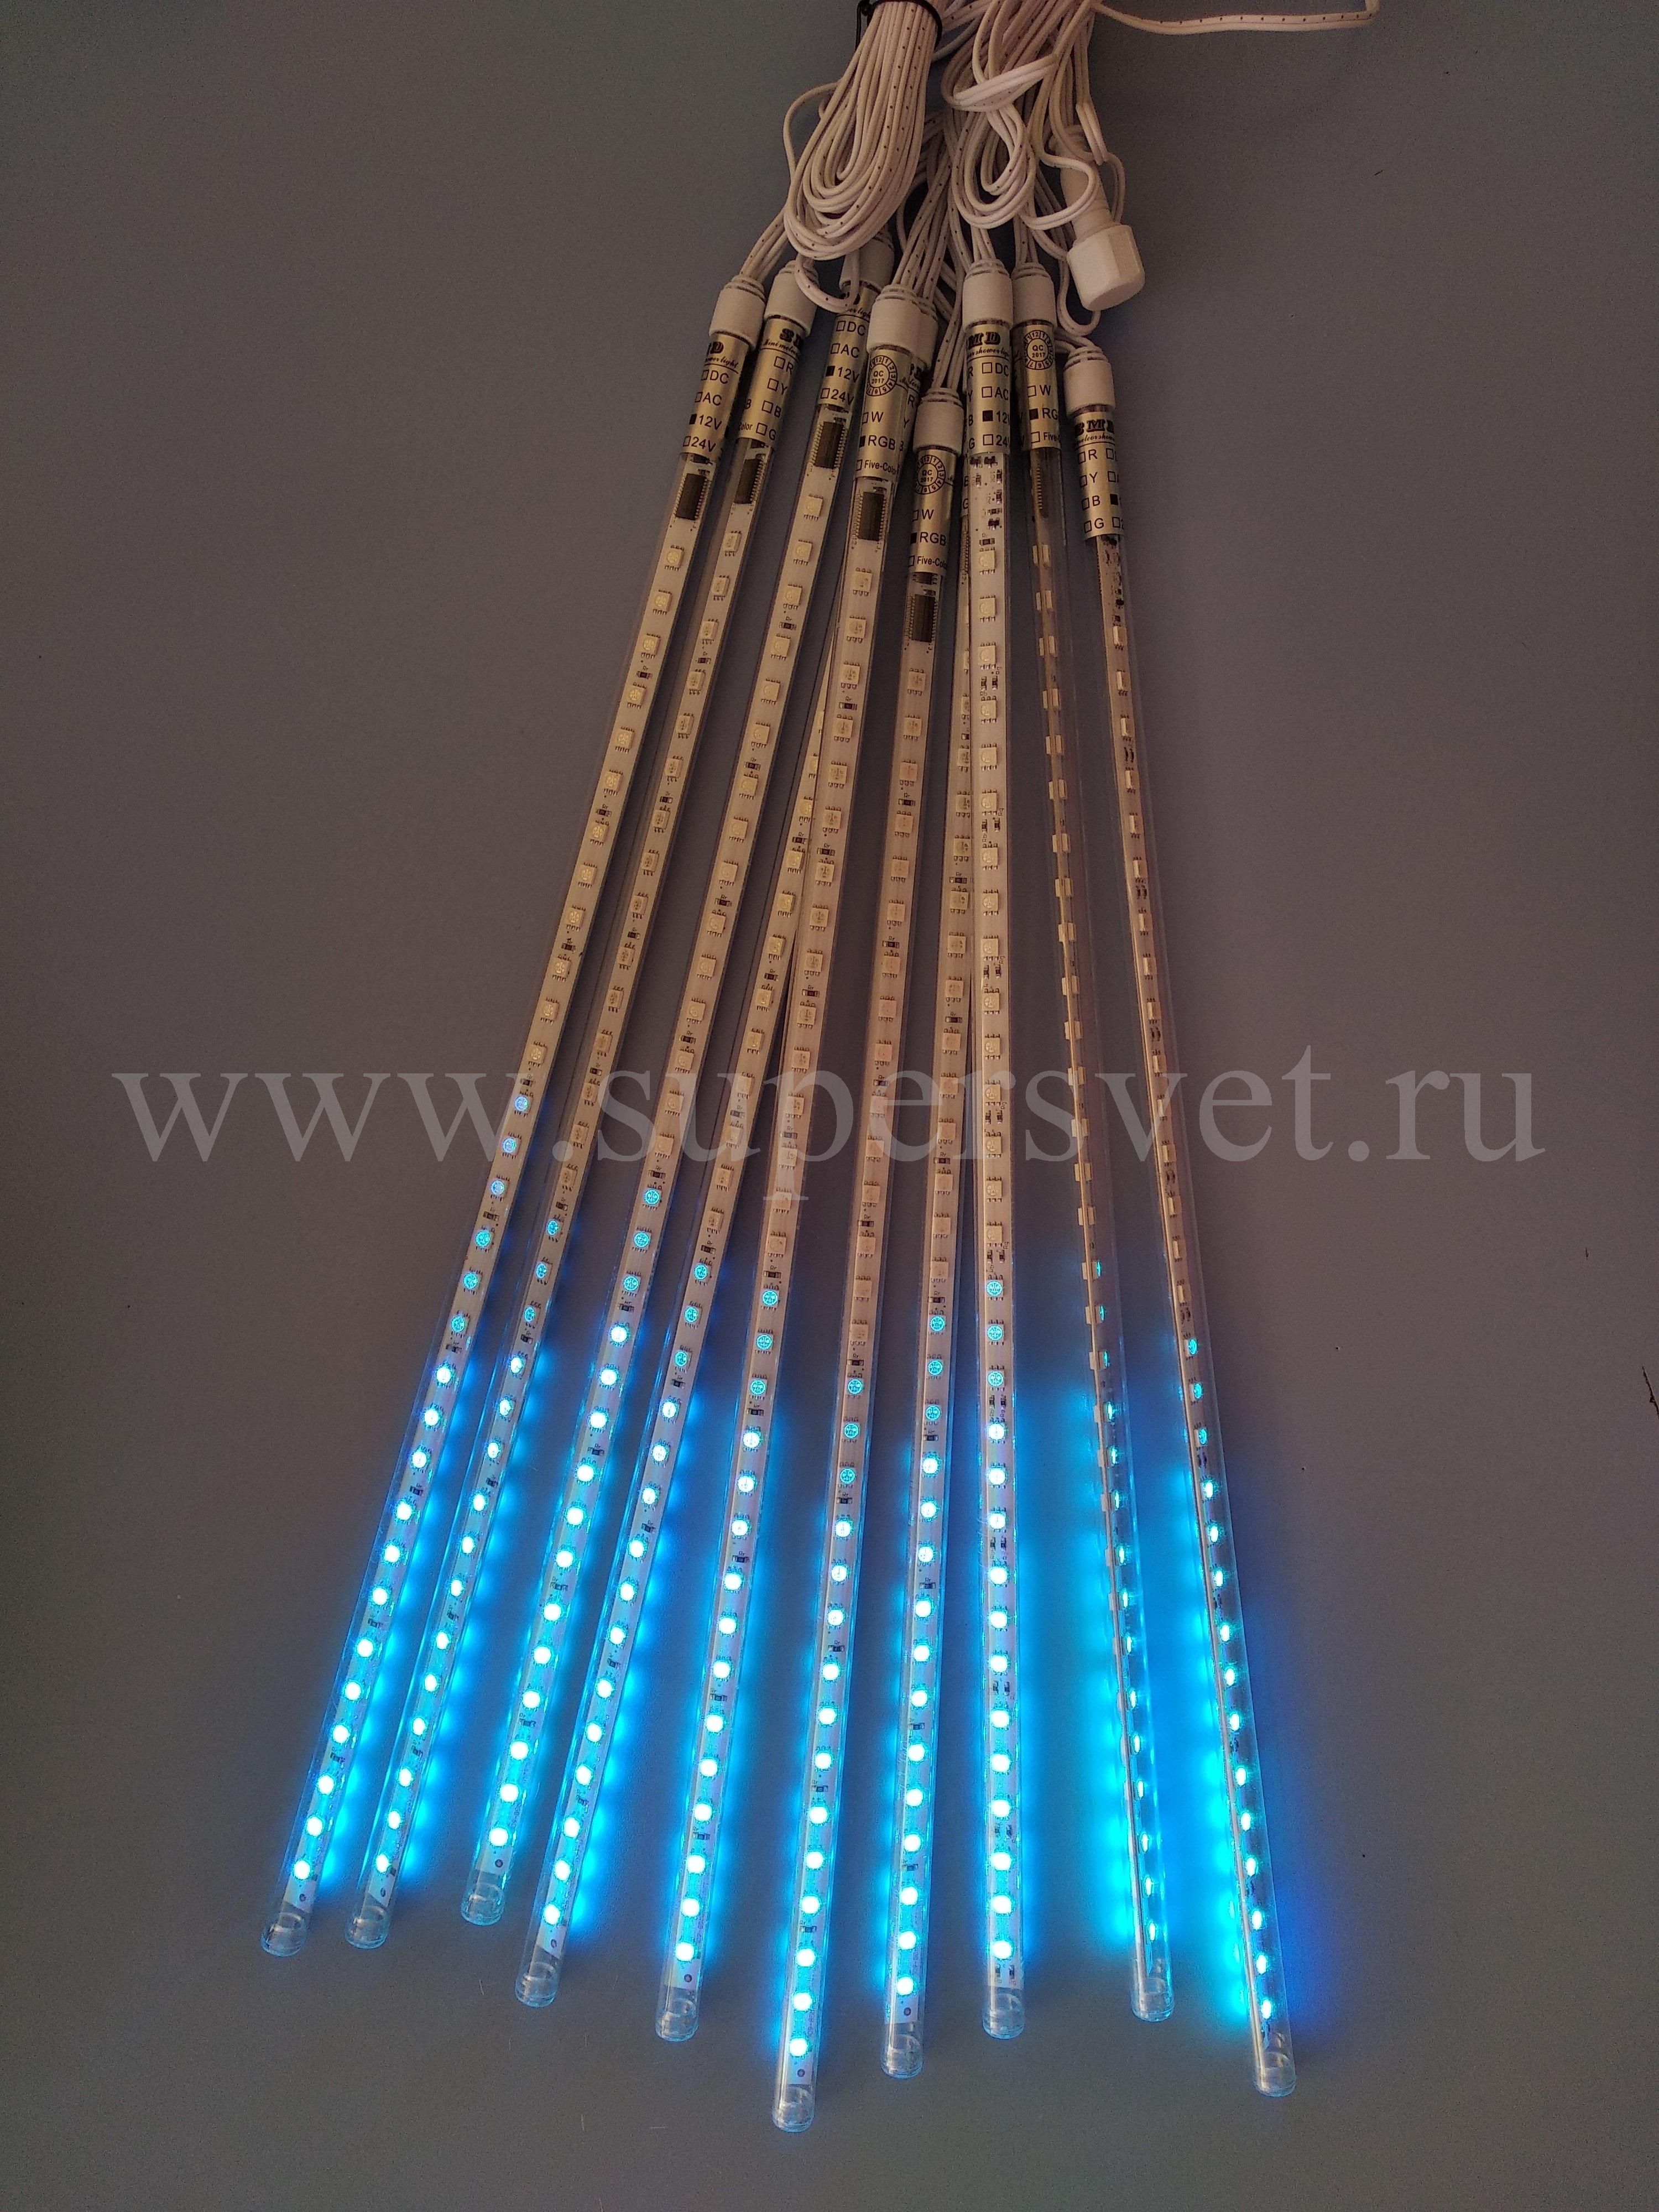 Светодоидная гирлянда LED-SF-50СМ-10М-12V-RGB (МУЛЬТИ) Длина 10 м Высота 0,5 м Цвет мульти Напряжение 12